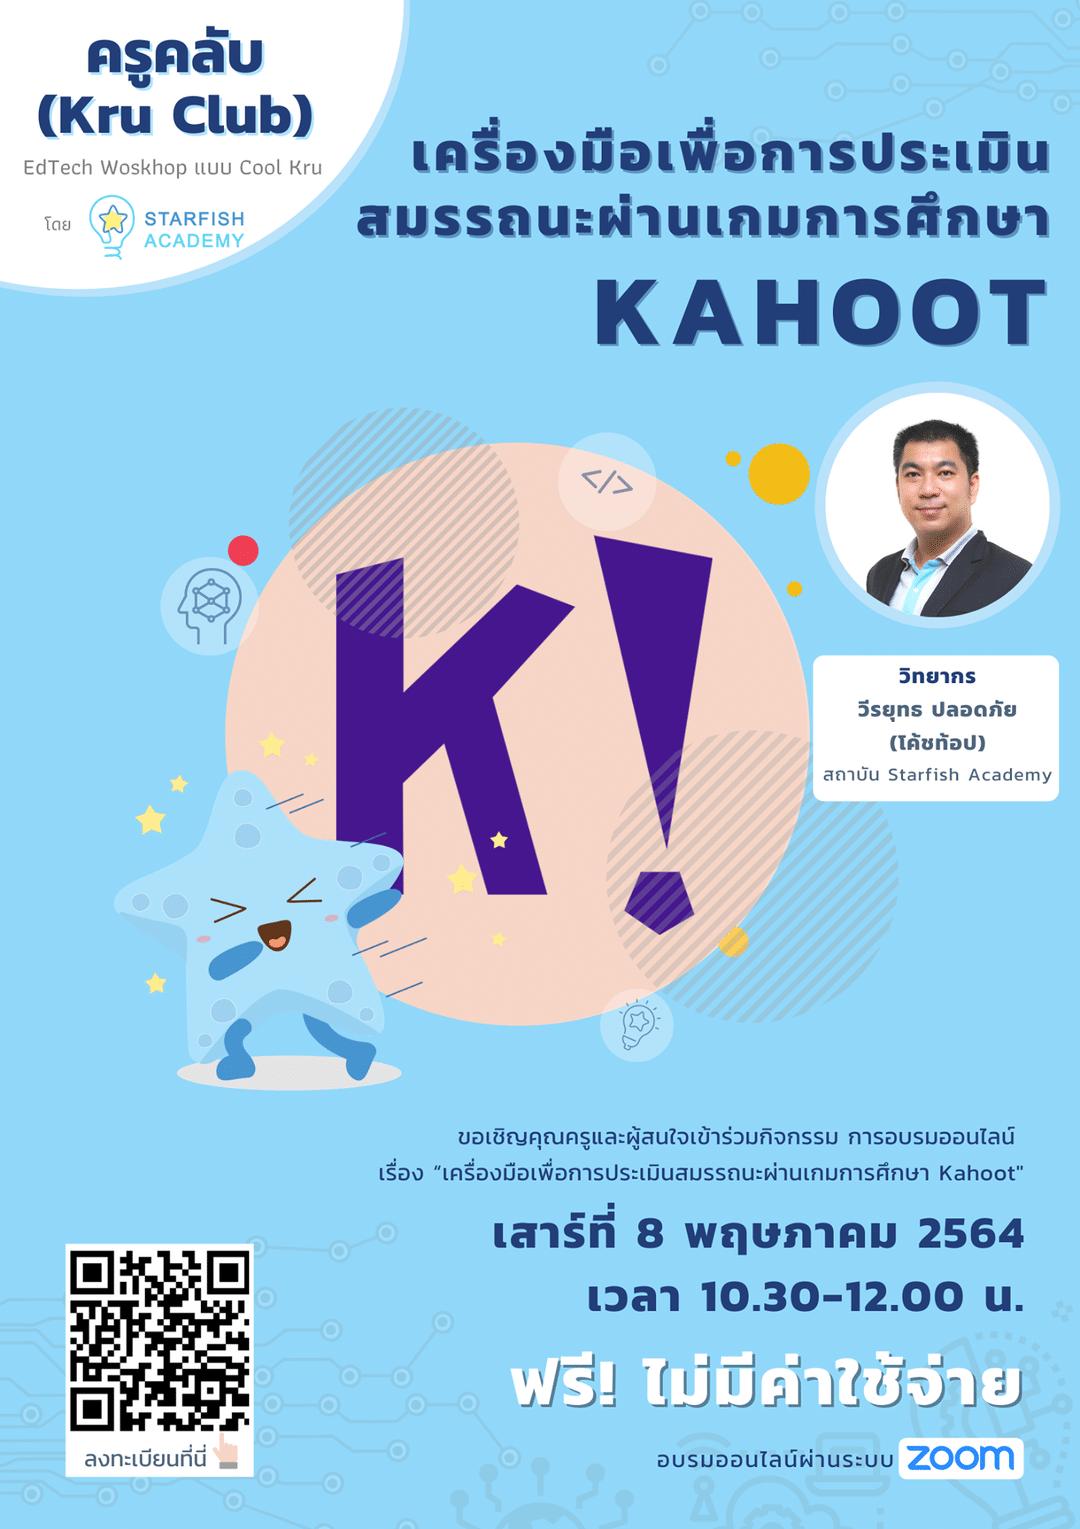 """อบรมออนไลน์ฟรี!! การประเมินสมรรถนะผู้เรียน ผ่านเกมการศึกษาสนุกๆด้วย"""" KAHOOT"""" รับเกียรติบัตรฟรี จาก Starfish Academy"""